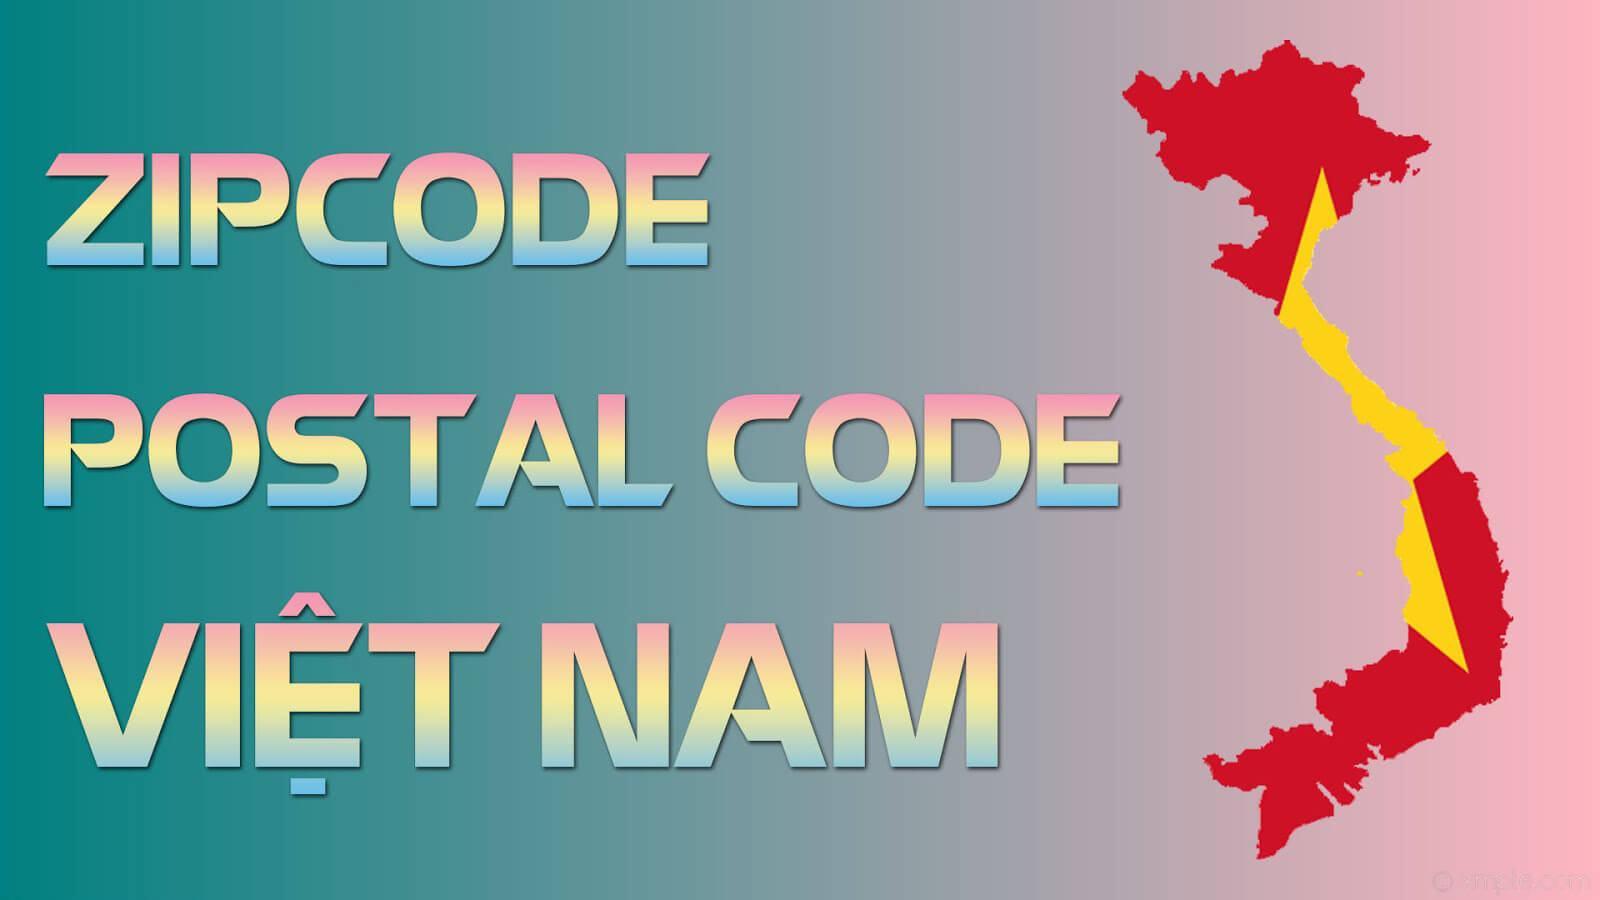 Zipcode mới nhất của Việt Nam và Postcode chính xác từng khu vực ...